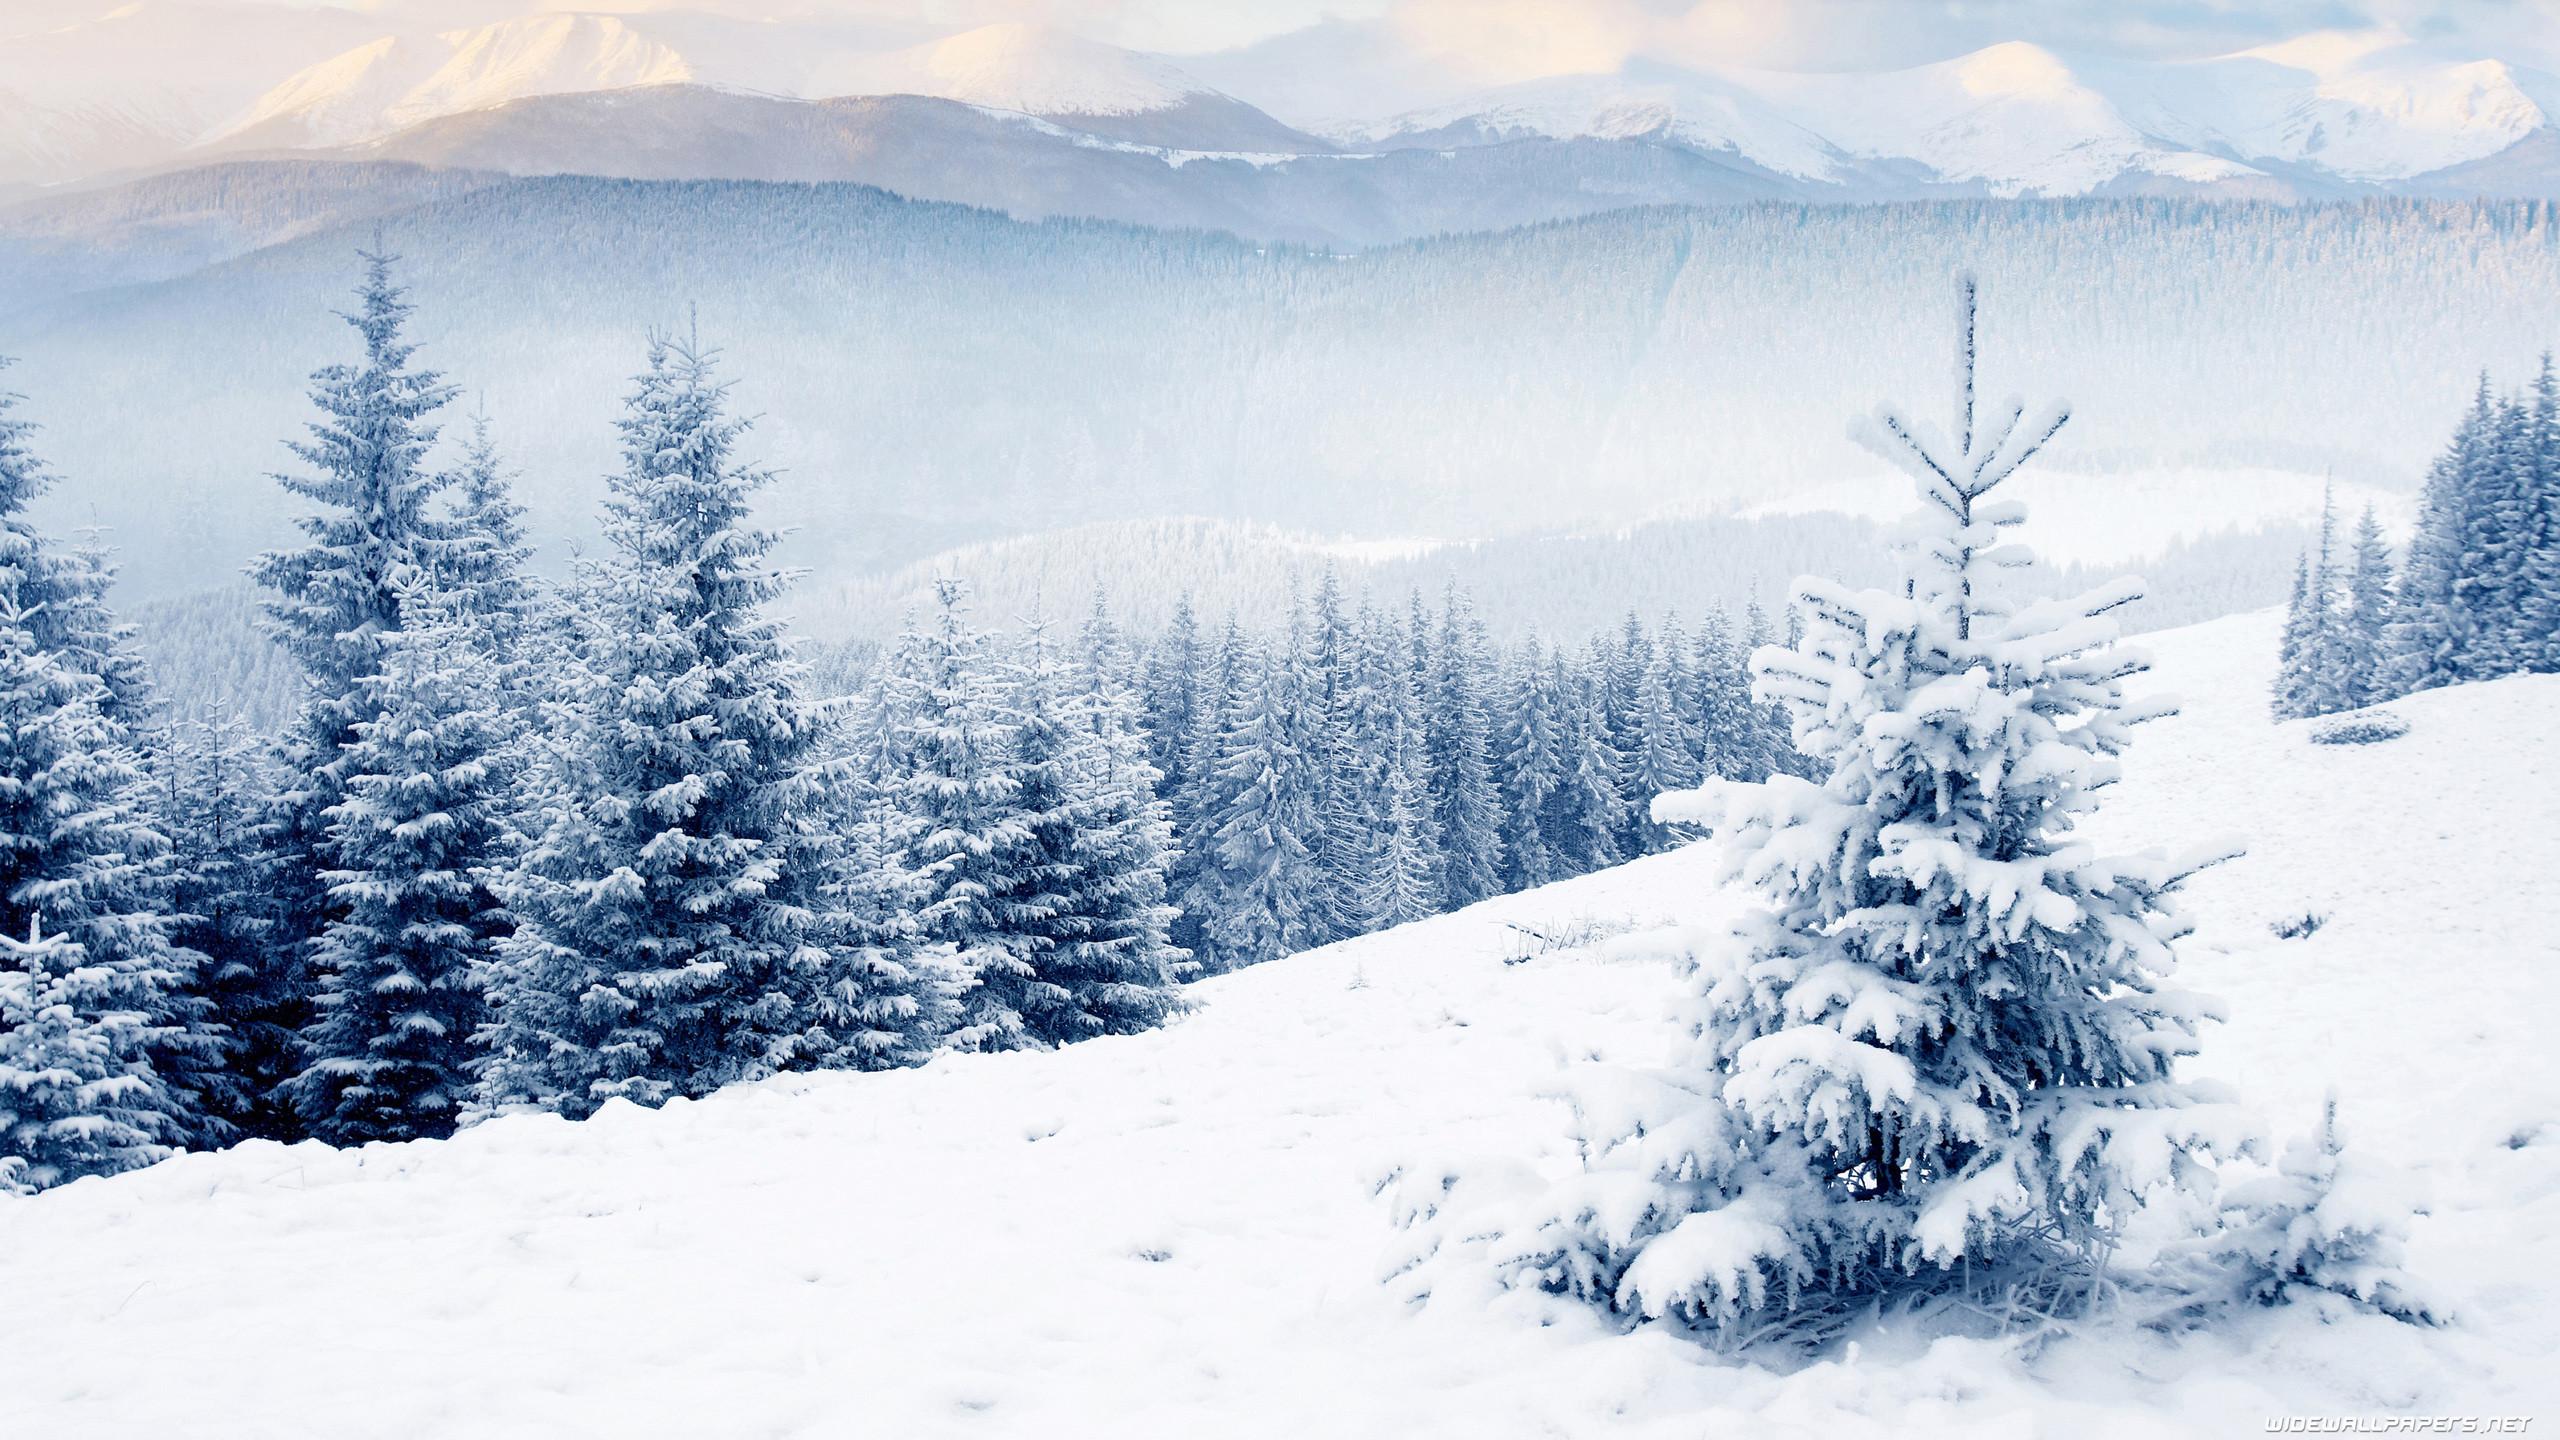 Desktop Wallpaper Winter (62+ images)